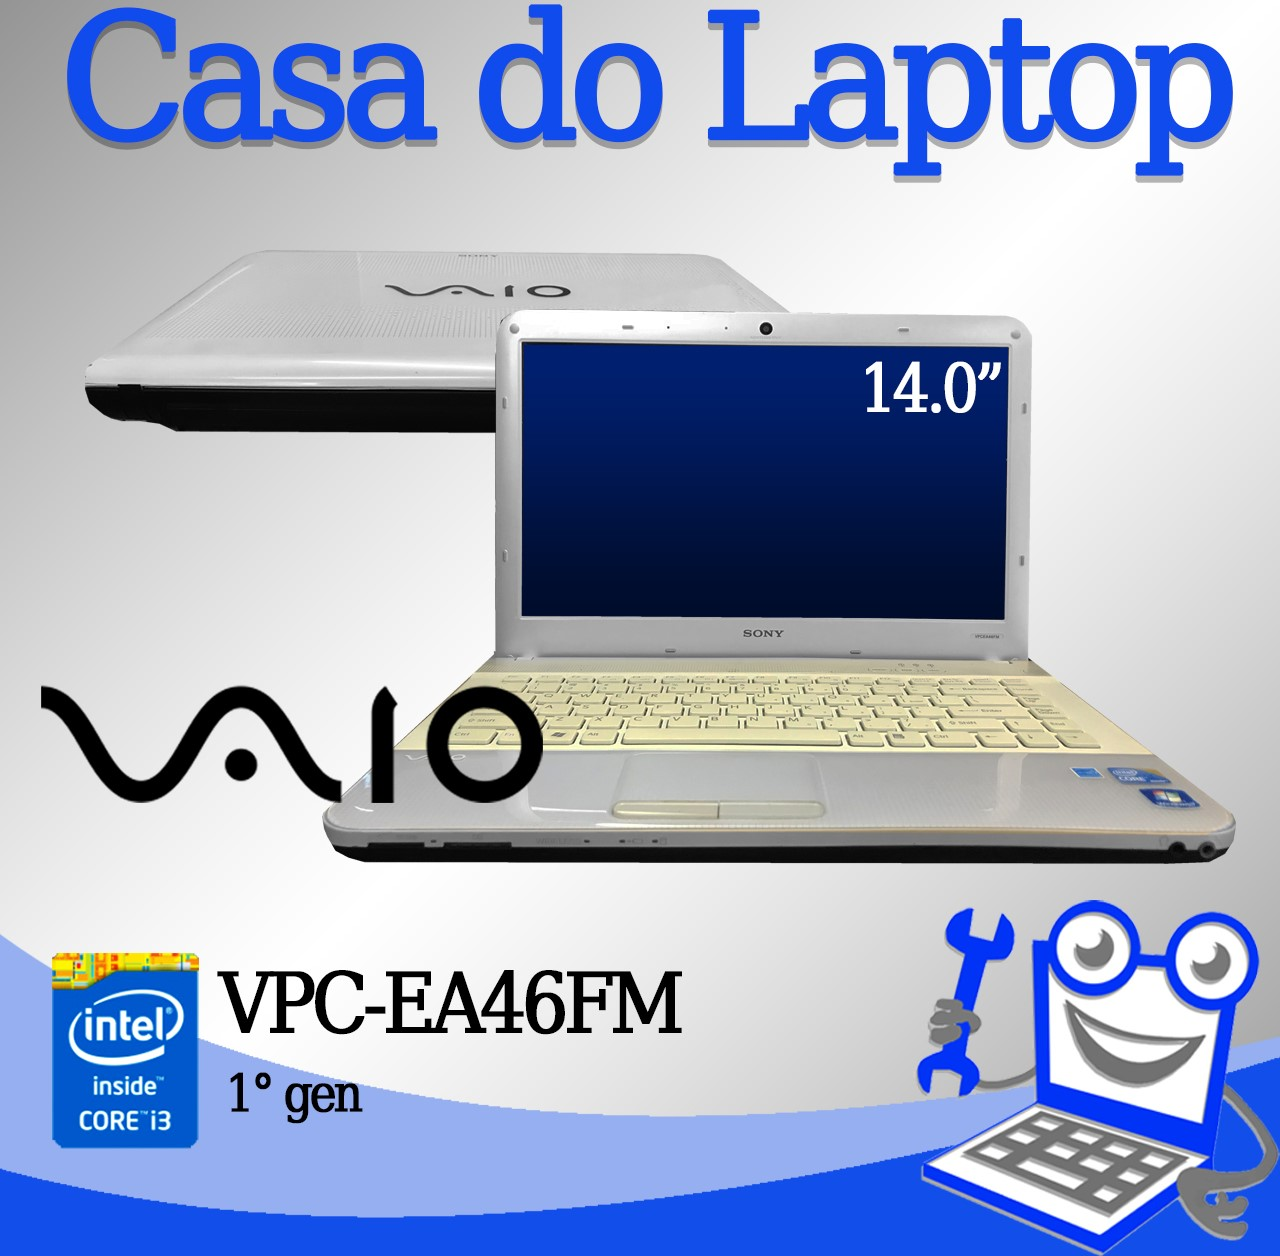 Laptop Vaio VPC-EA46FM Intel i3-1° Geração 4GB de memória RAM e 320GB Disco